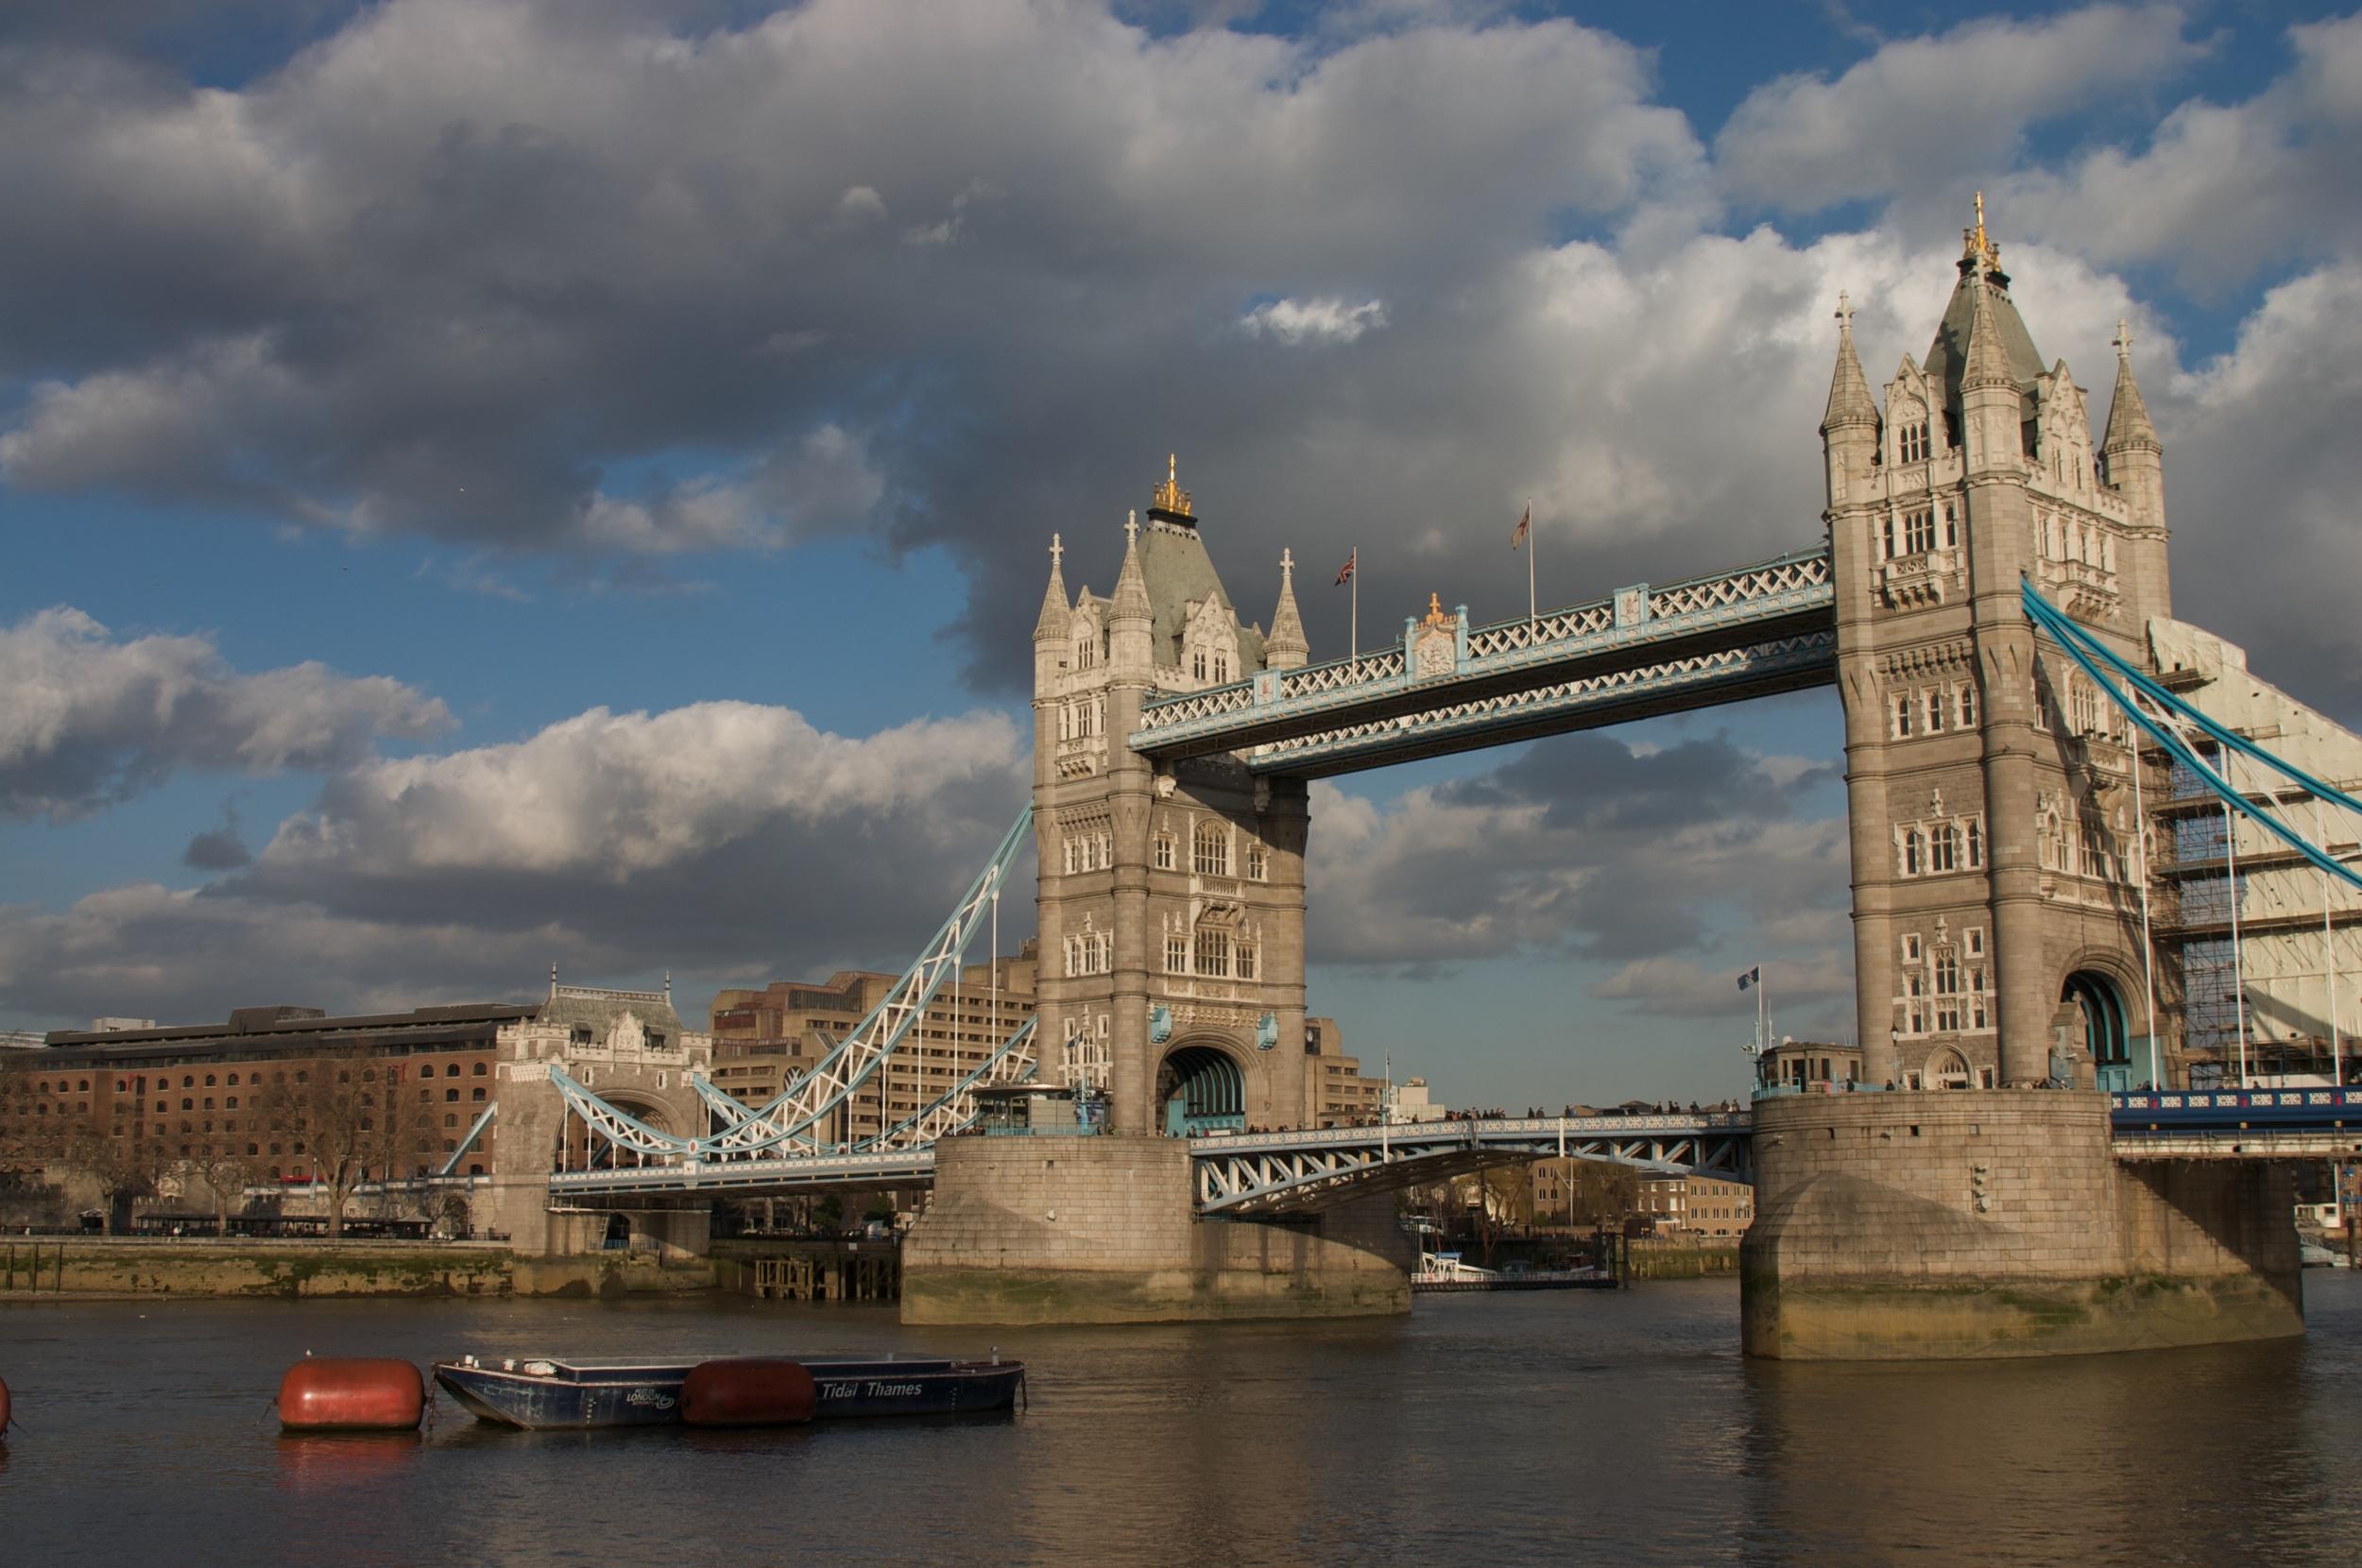 LondonBridge032009++2535+2-664451742-O.jpg